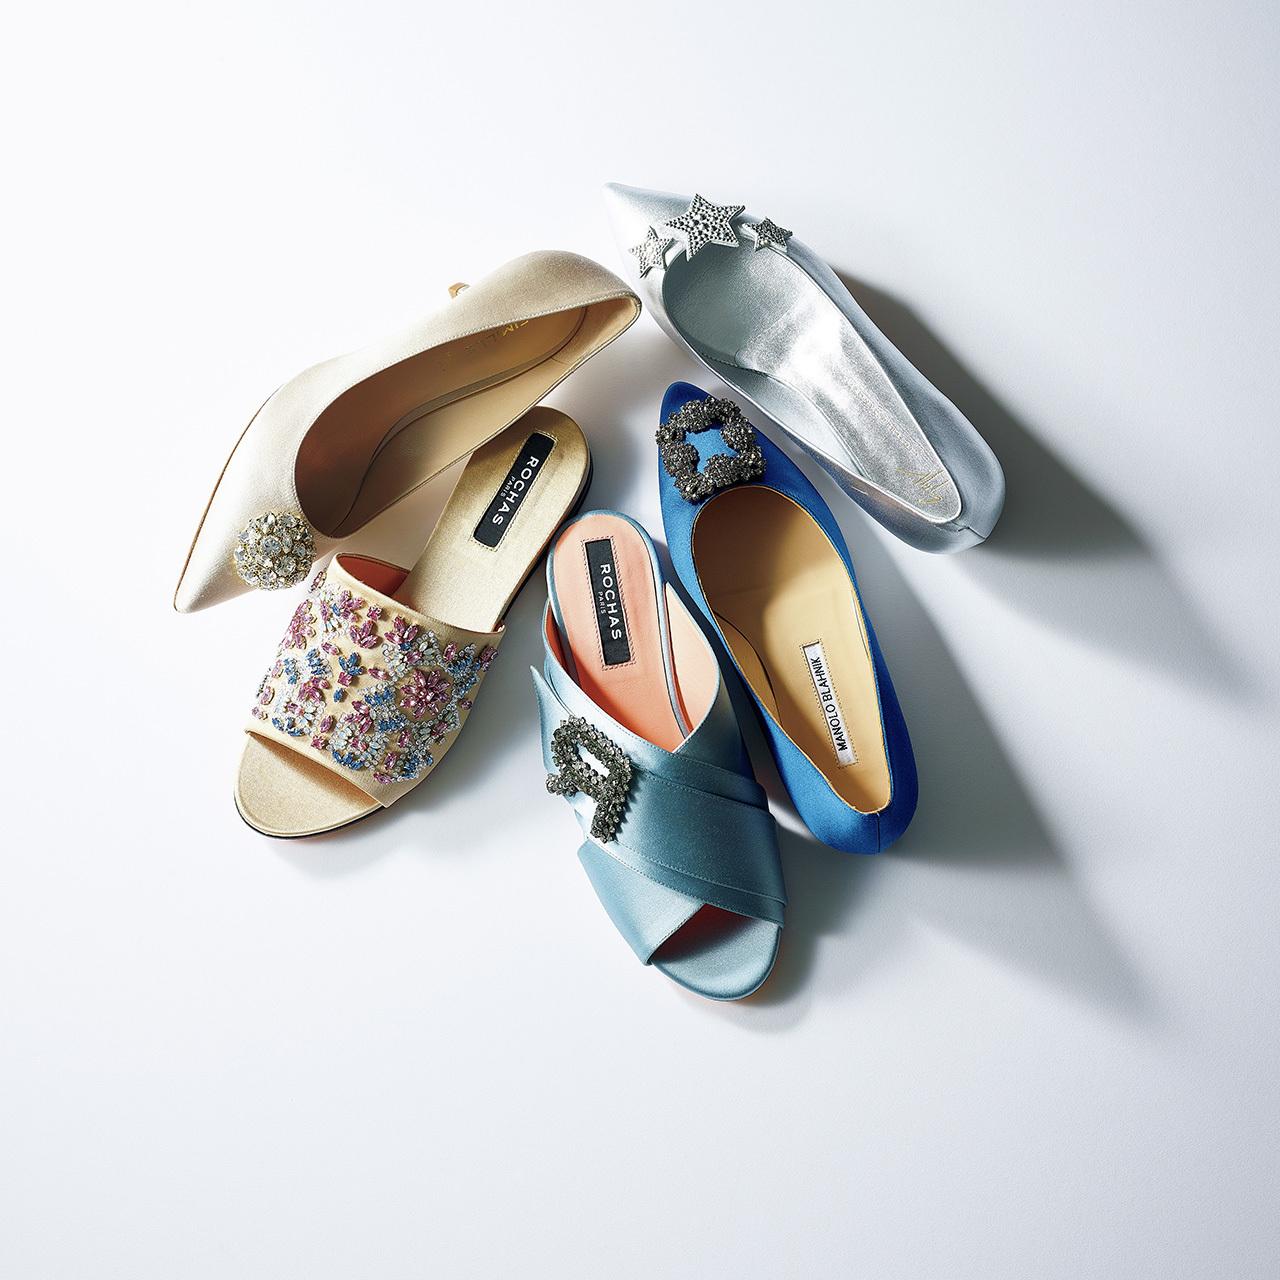 まずは足もとから!春にはきたい靴&コーディネート_1_1-11